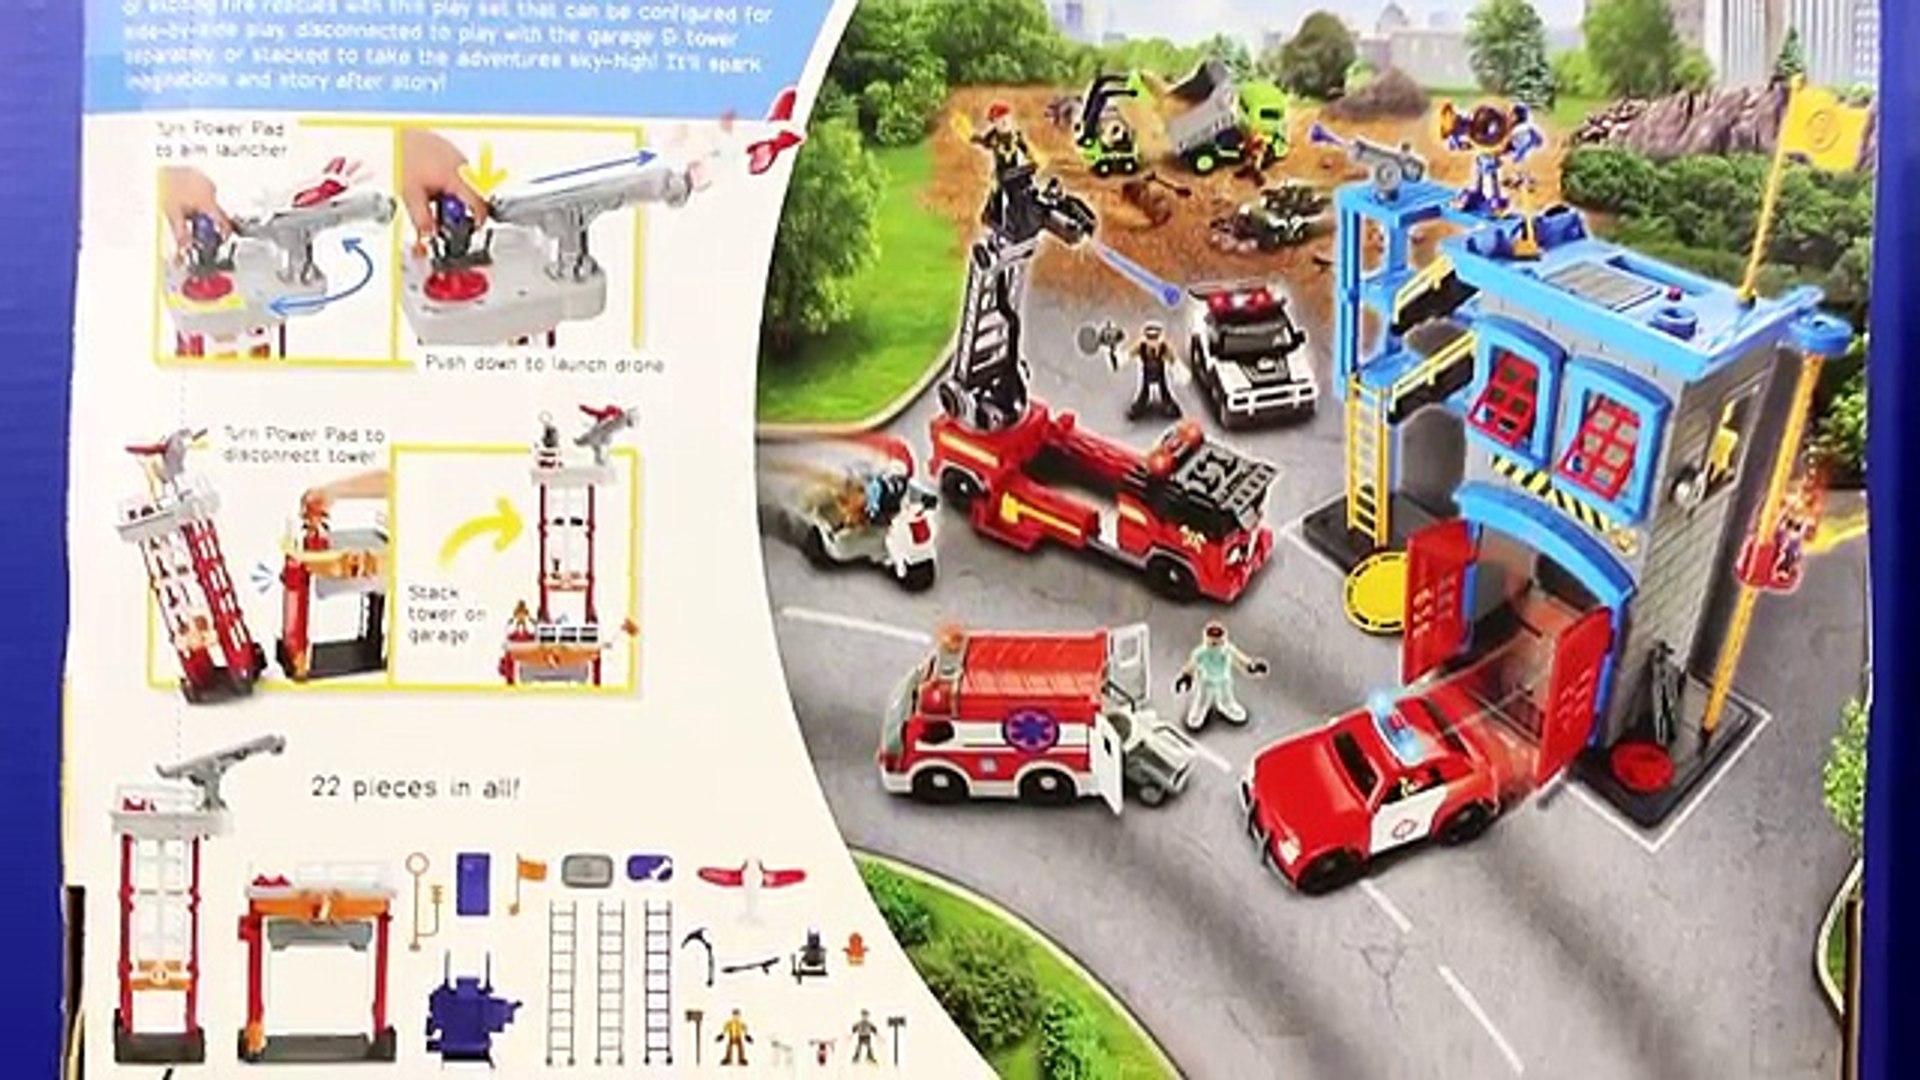 Добавить комментарий Пожар команда центр Обзор с дисней пиксель Спасение команда молния Маккуин прия